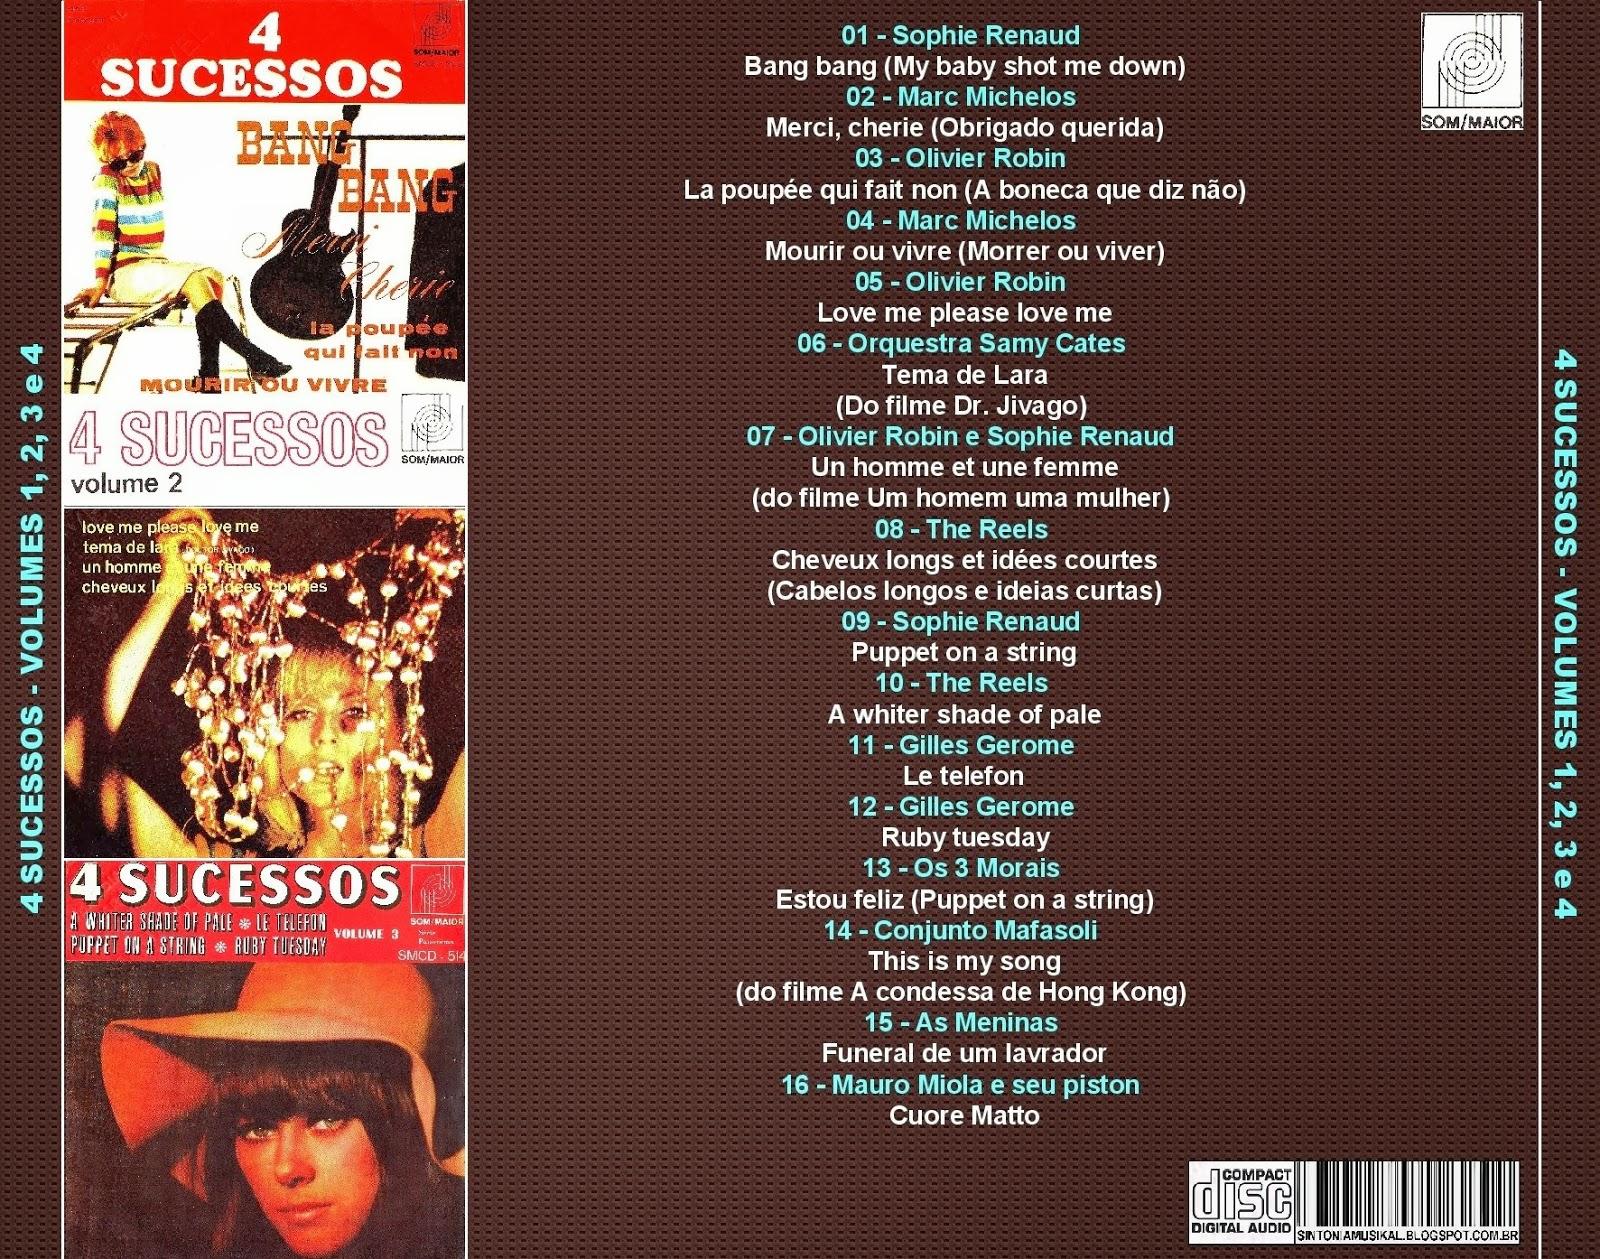 f61c5a9e00b Hoje apresento mais uma interessante coletânea. As 16 faixas da seleção são  de quatro compactos duplos lançados em 1967 pela Som Maior.